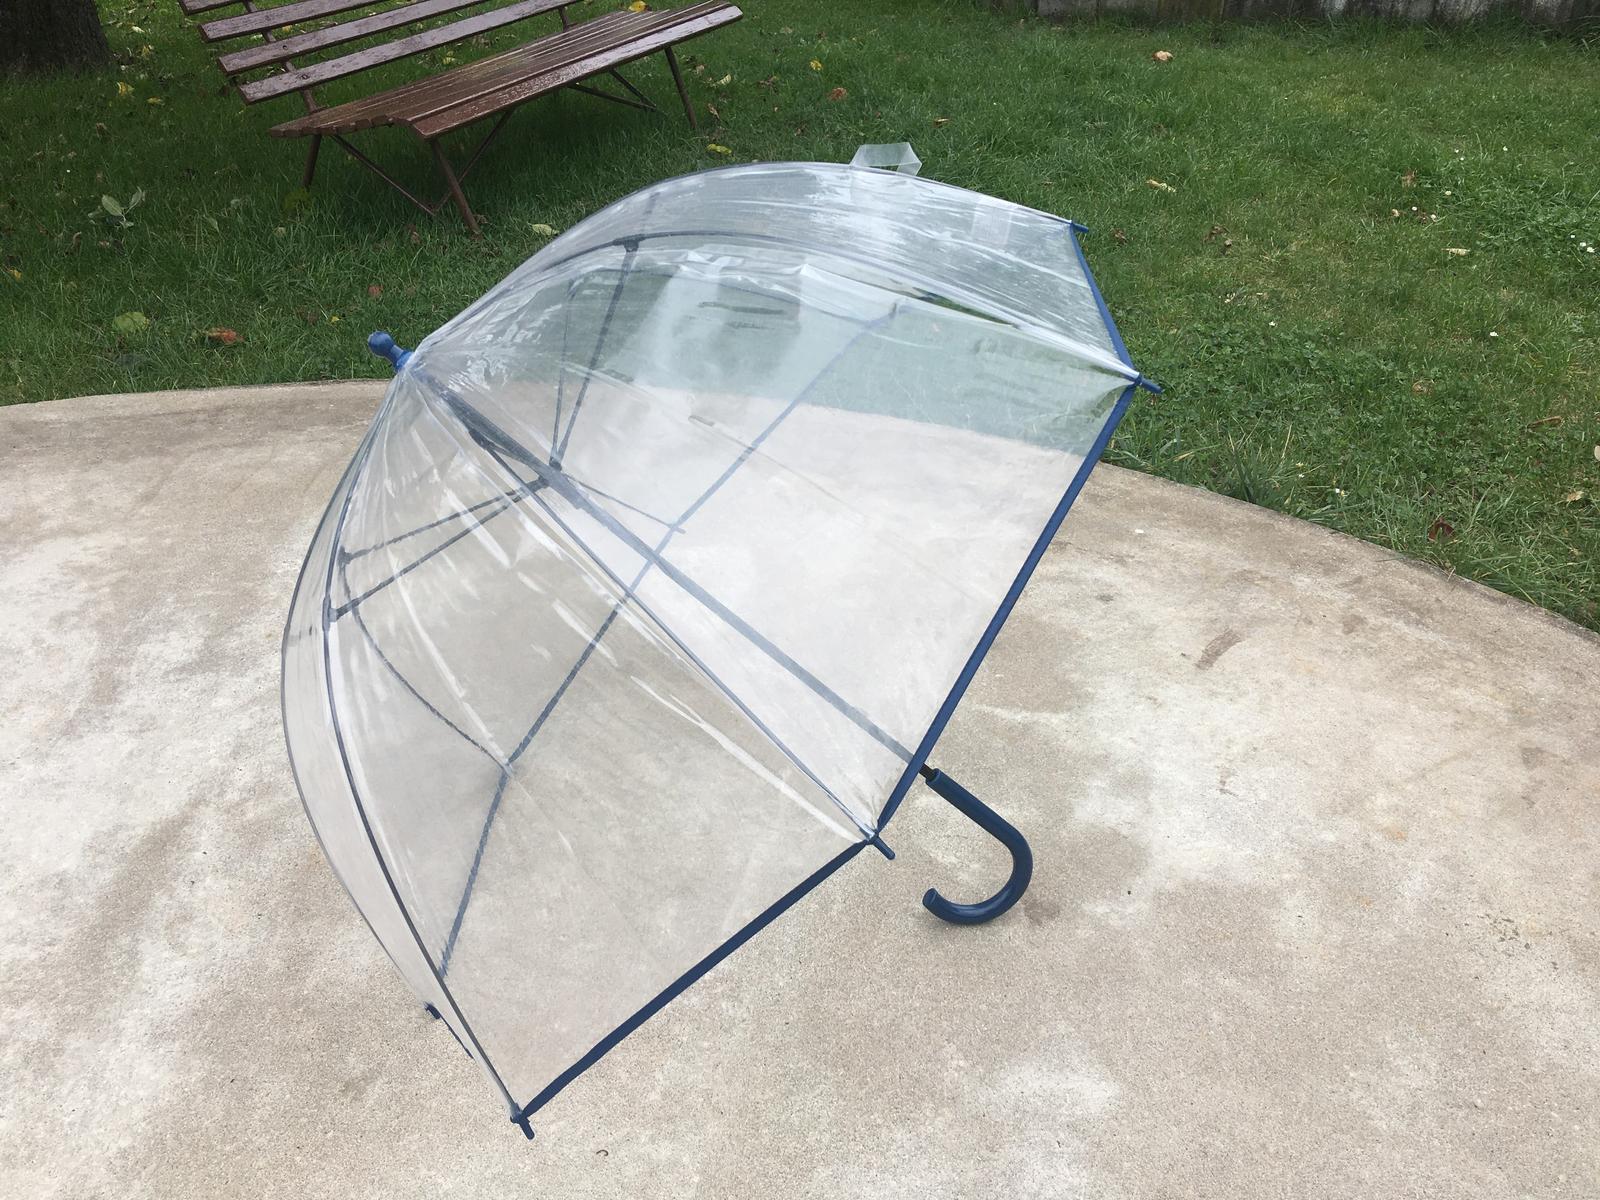 deštník průhledný - Obrázek č. 1